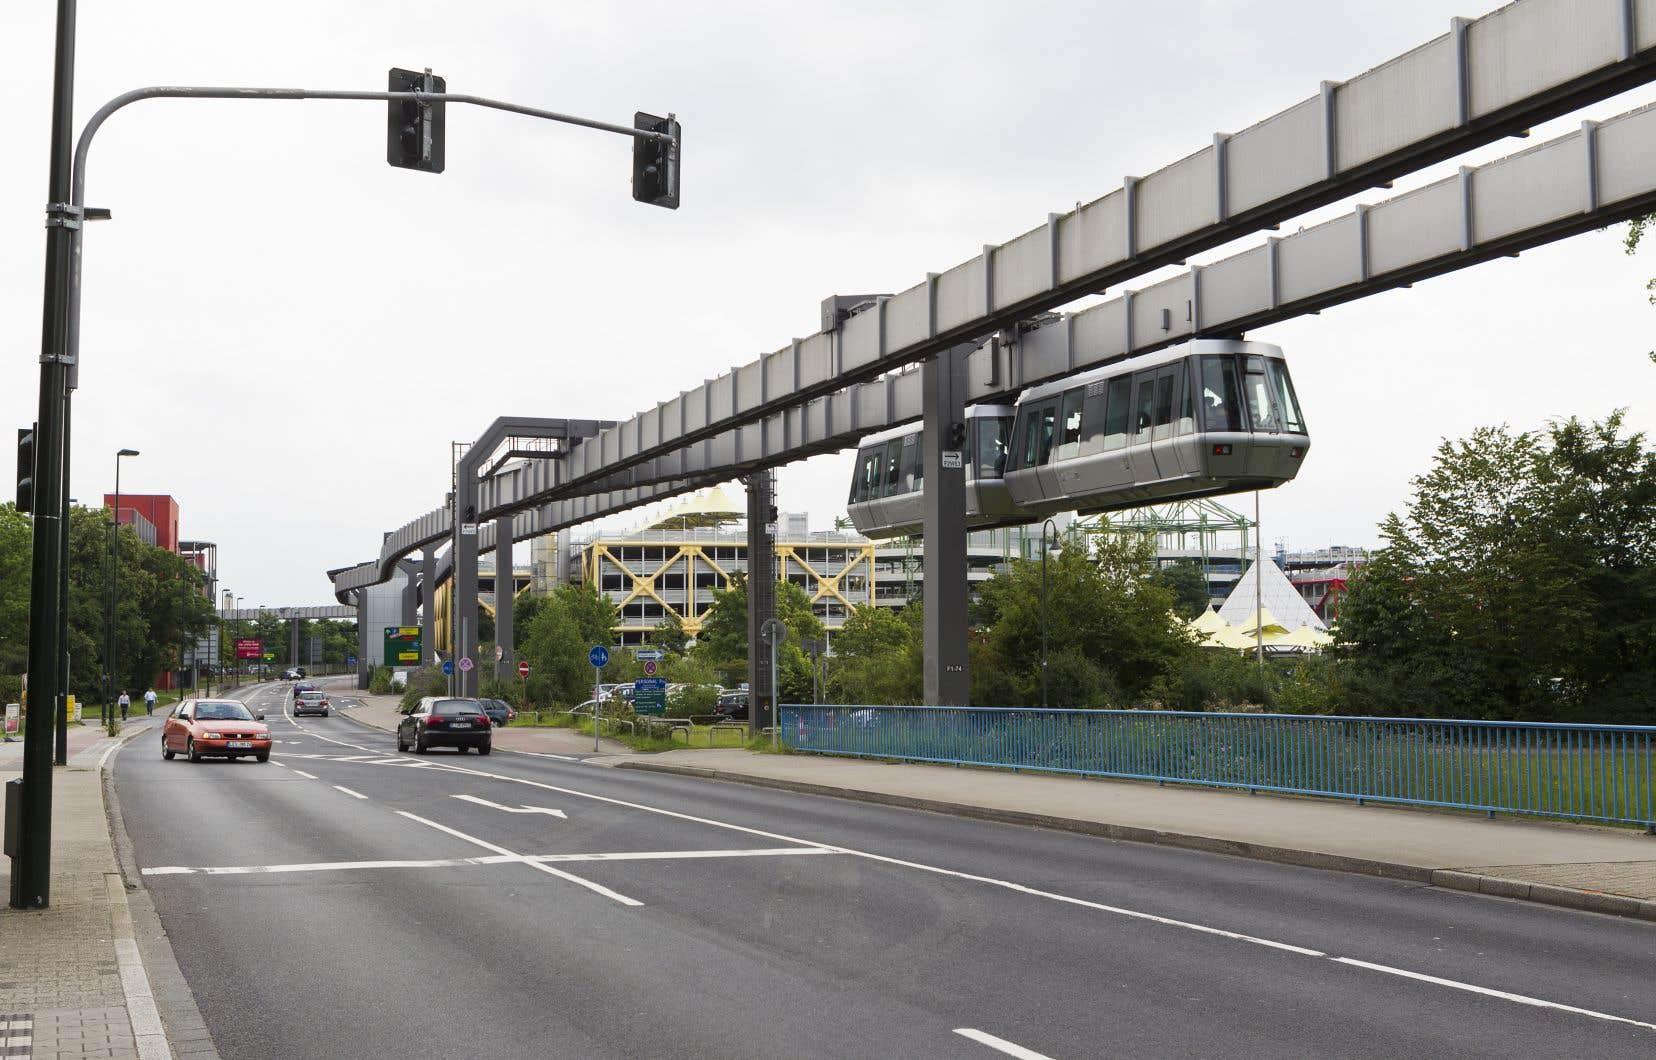 Le monorail suspendu de Düsseldorf, en Allemagne, relie le centre-ville à l'aéroport. Il est utilisé comme une ligne de métro ou de tramway pour compléter le réseau de transport en commun.